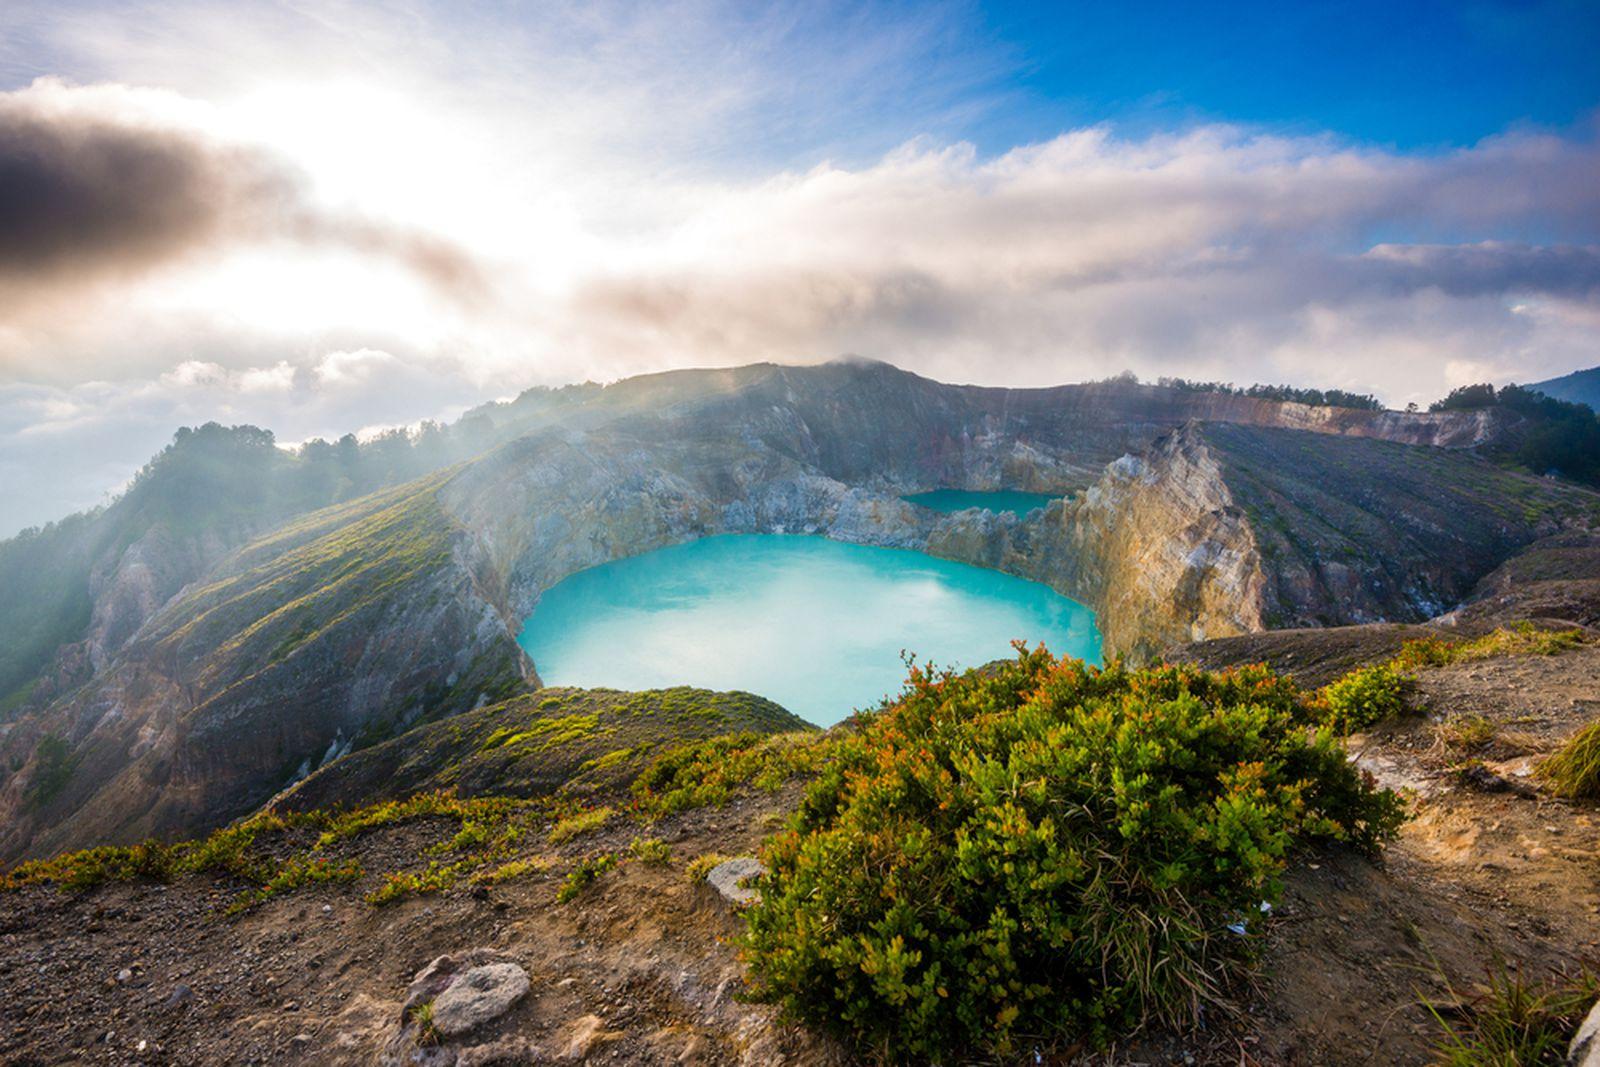 Опасна и чудесна атракција: Вулкан што добива сина боја за време на ерупцијата